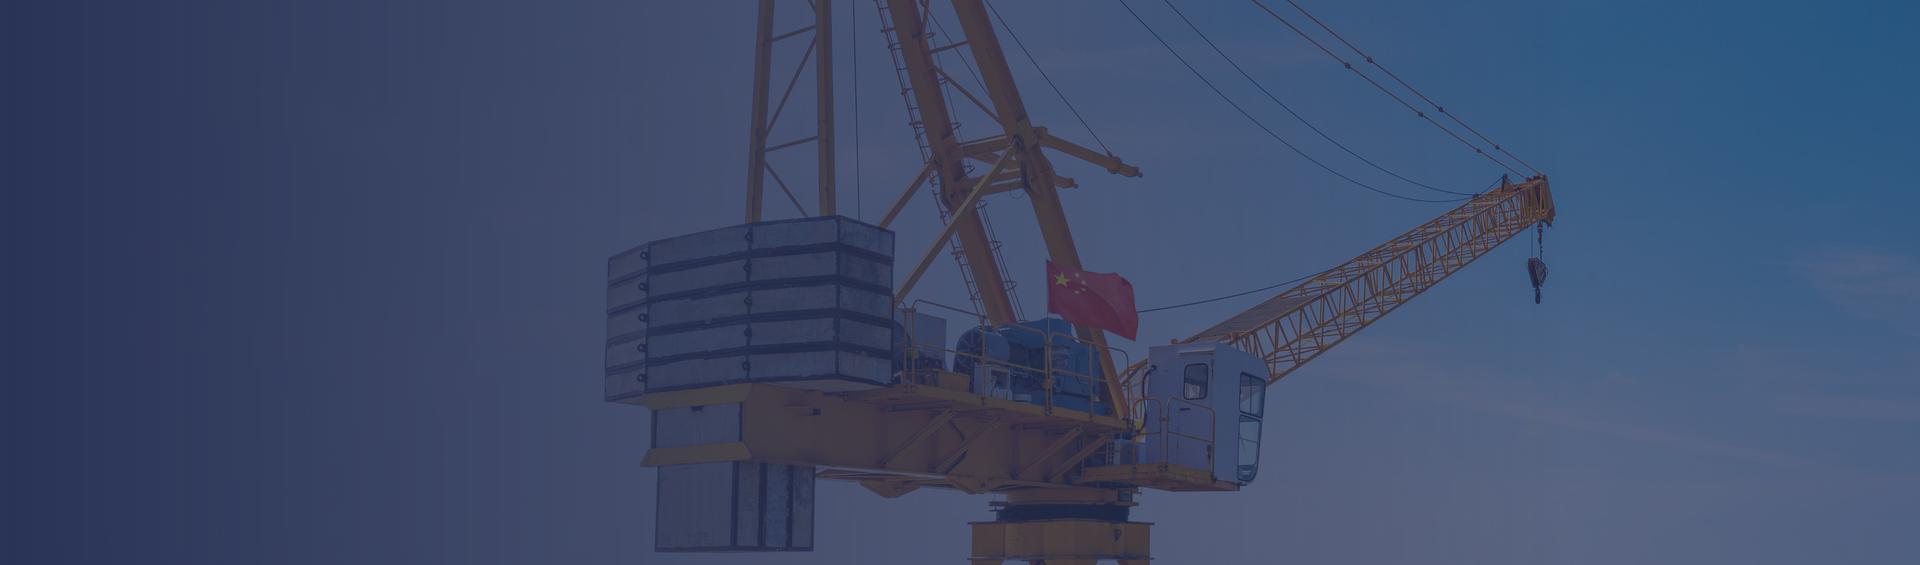 工業品行業解決方案分類背景圖